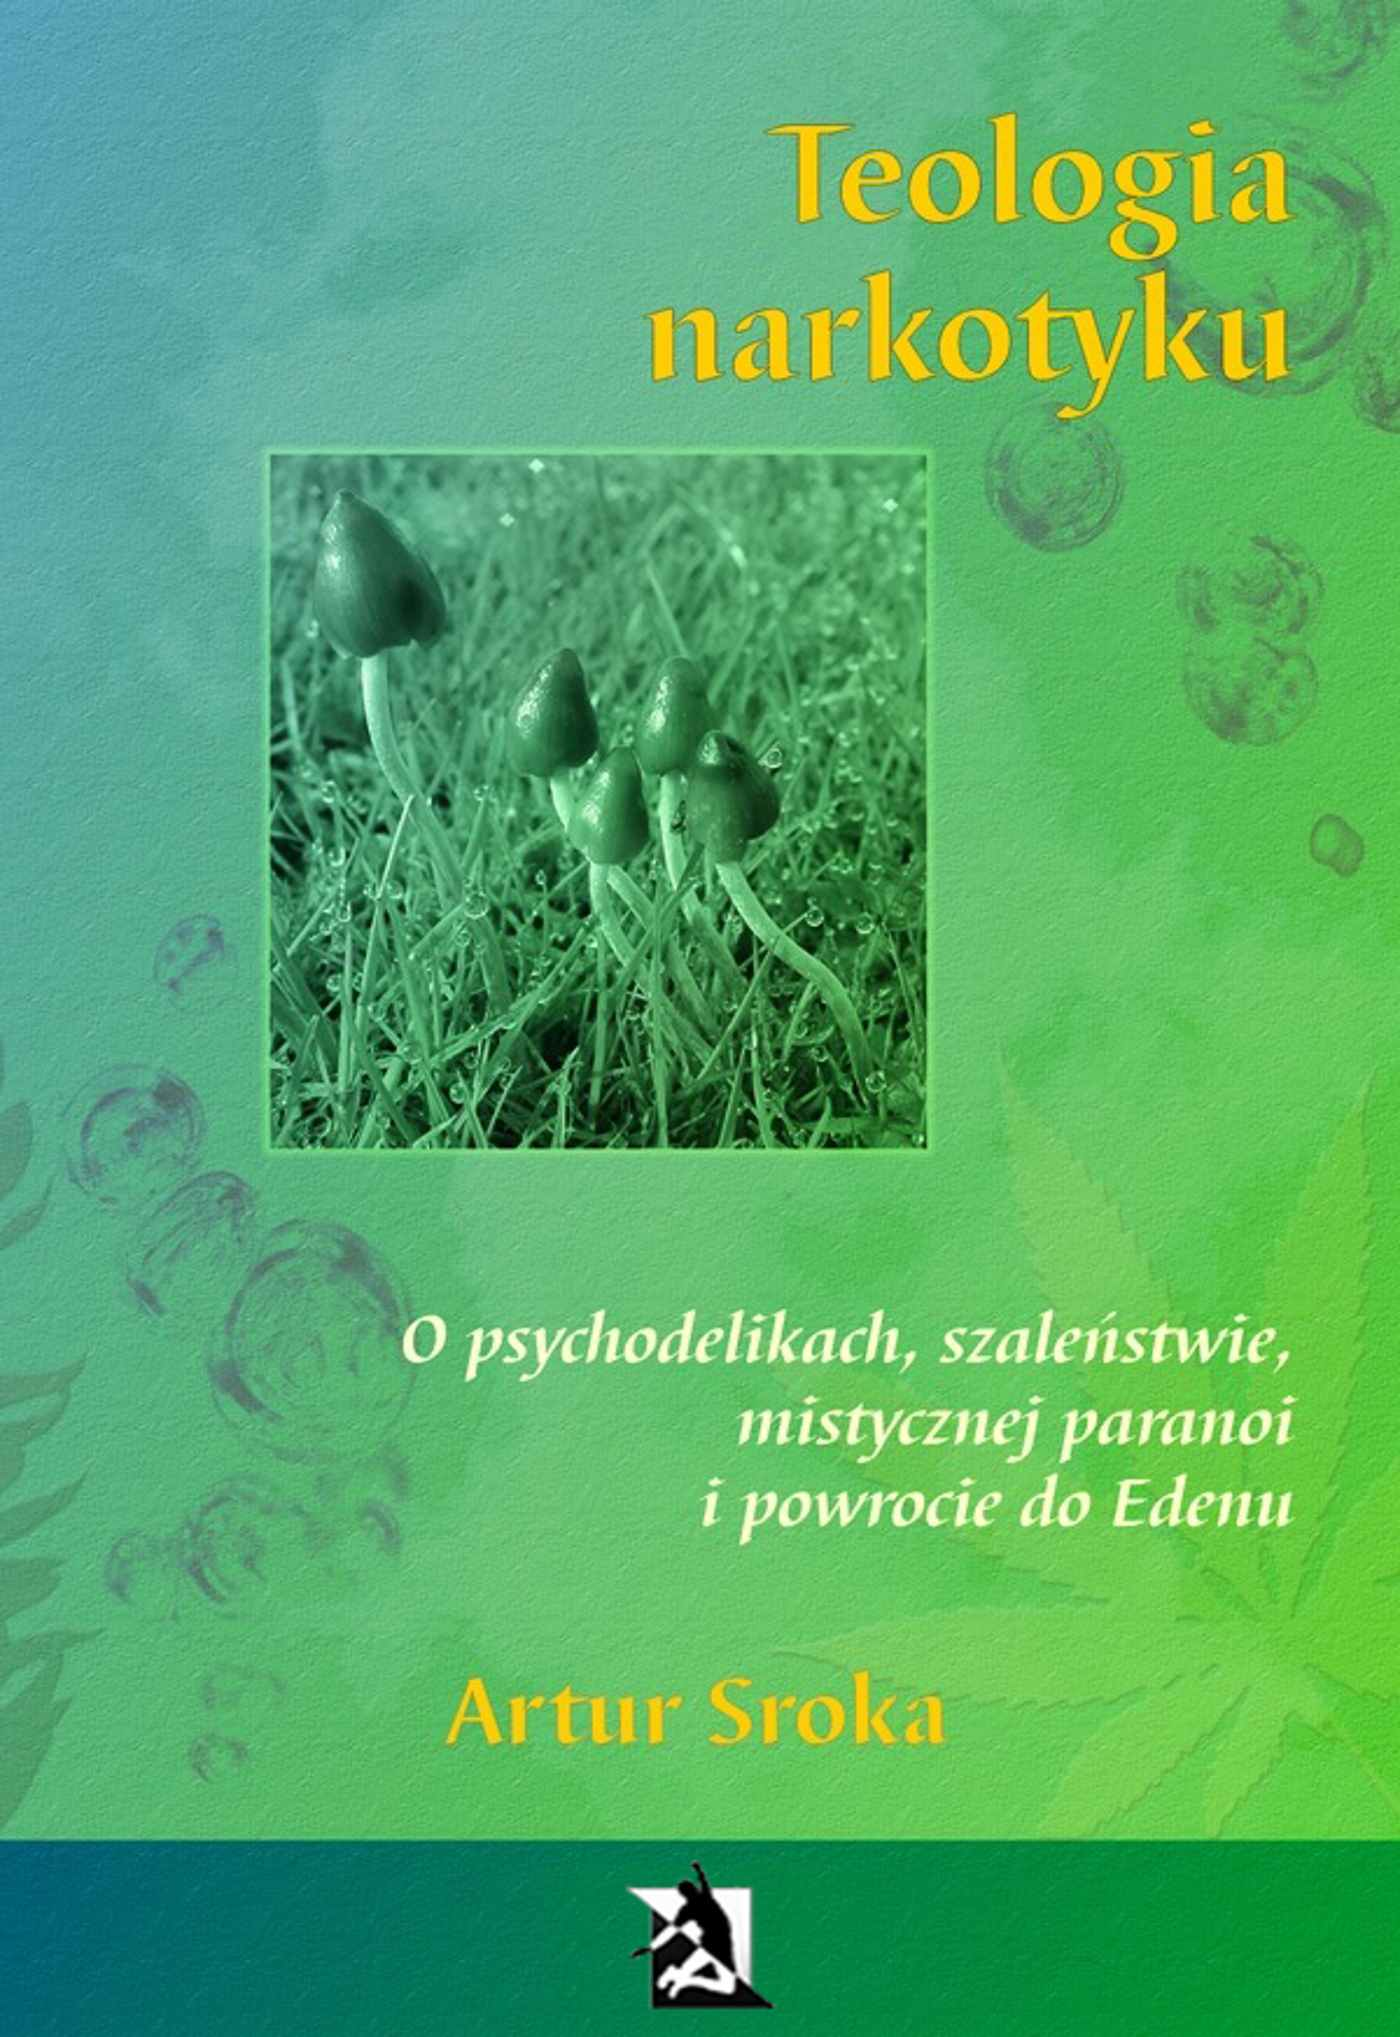 Teologia narkotyku. O psychodelikach, szaleństwie, mistycznej paranoi i powrocie do Edenu - Ebook (Książka na Kindle) do pobrania w formacie MOBI